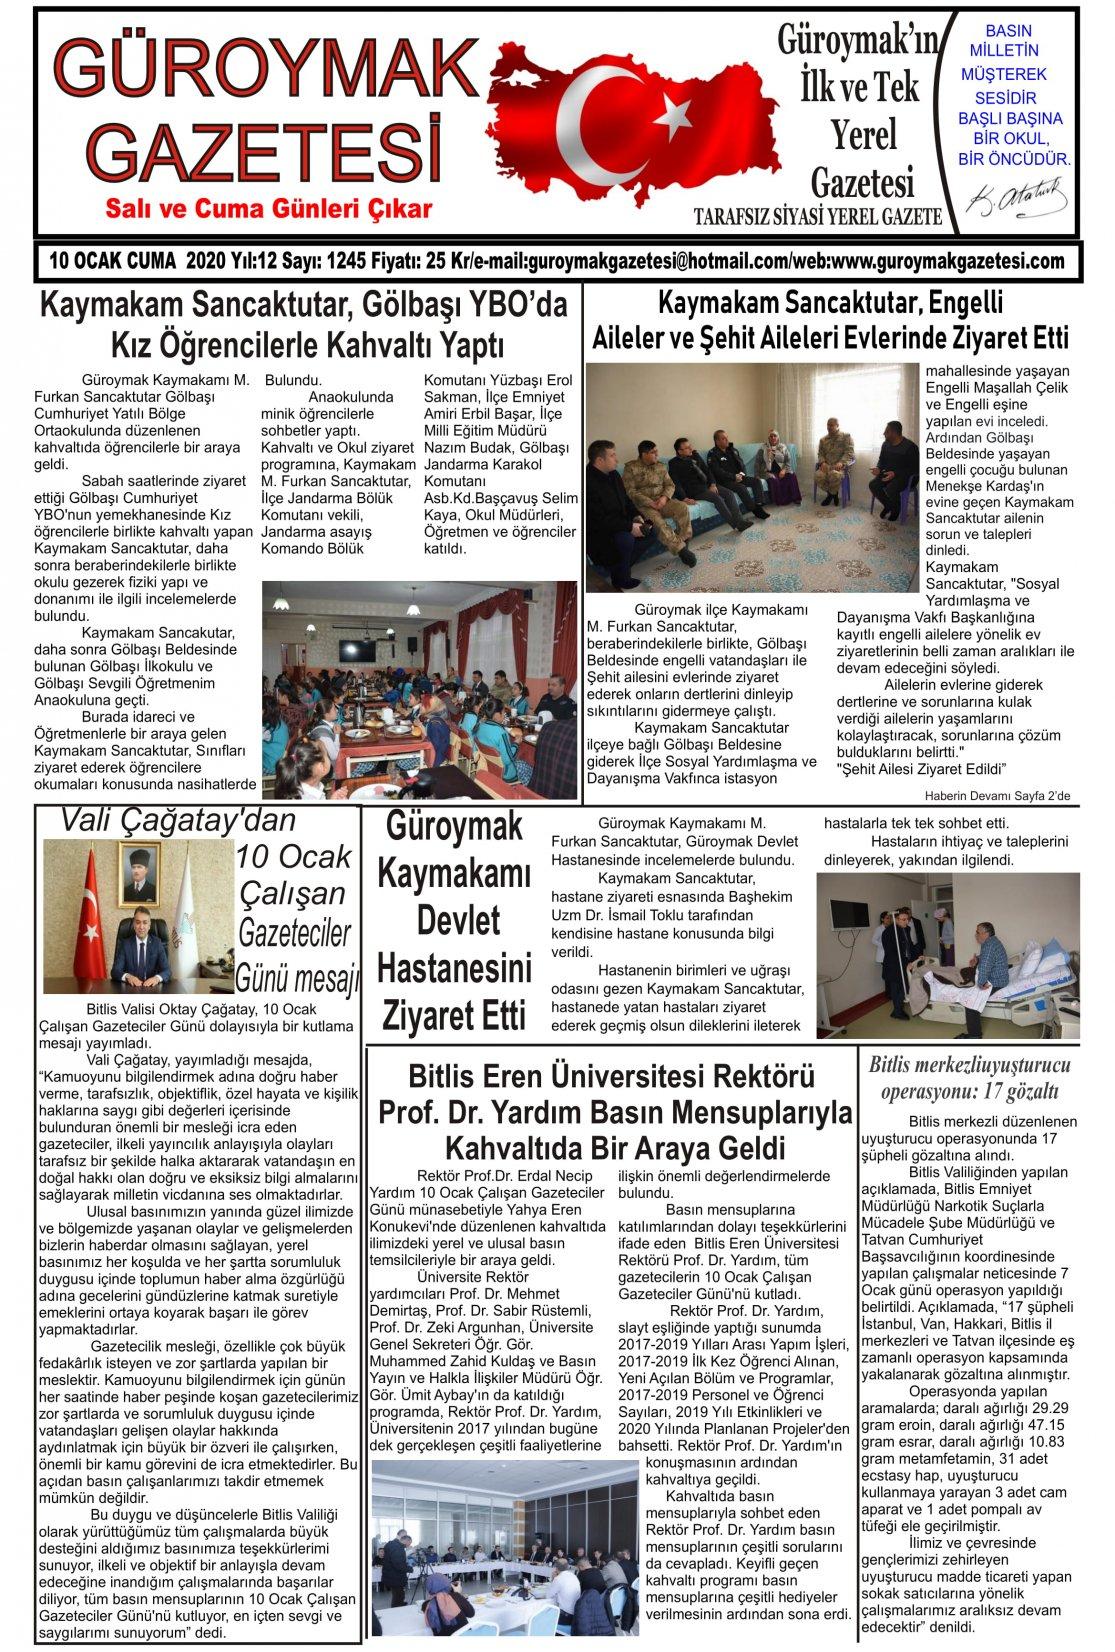 Güroymak Gazetesi 1-1.jpg Sayılı Gazete Küpürü